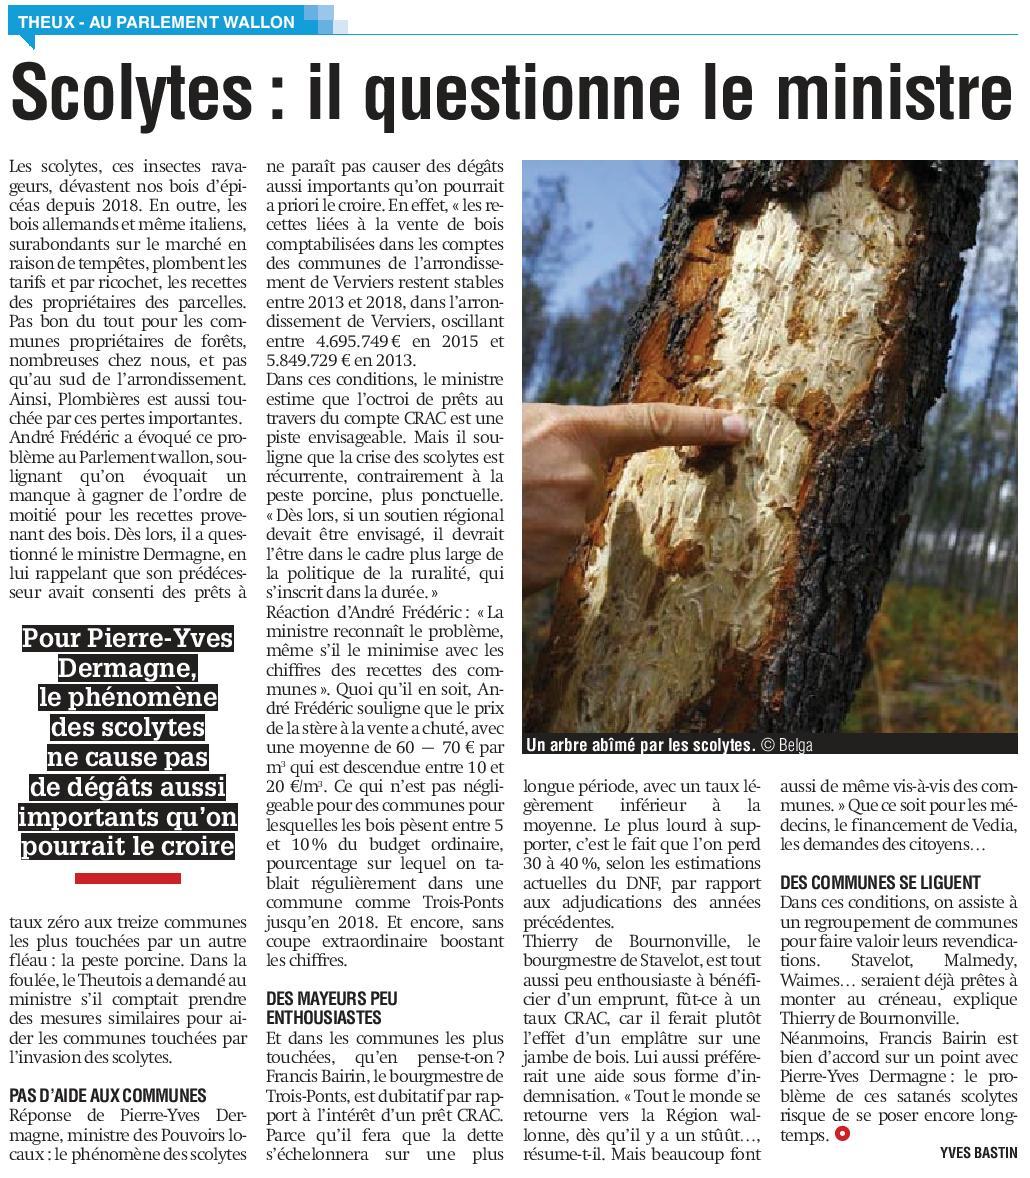 presse_du_20191022